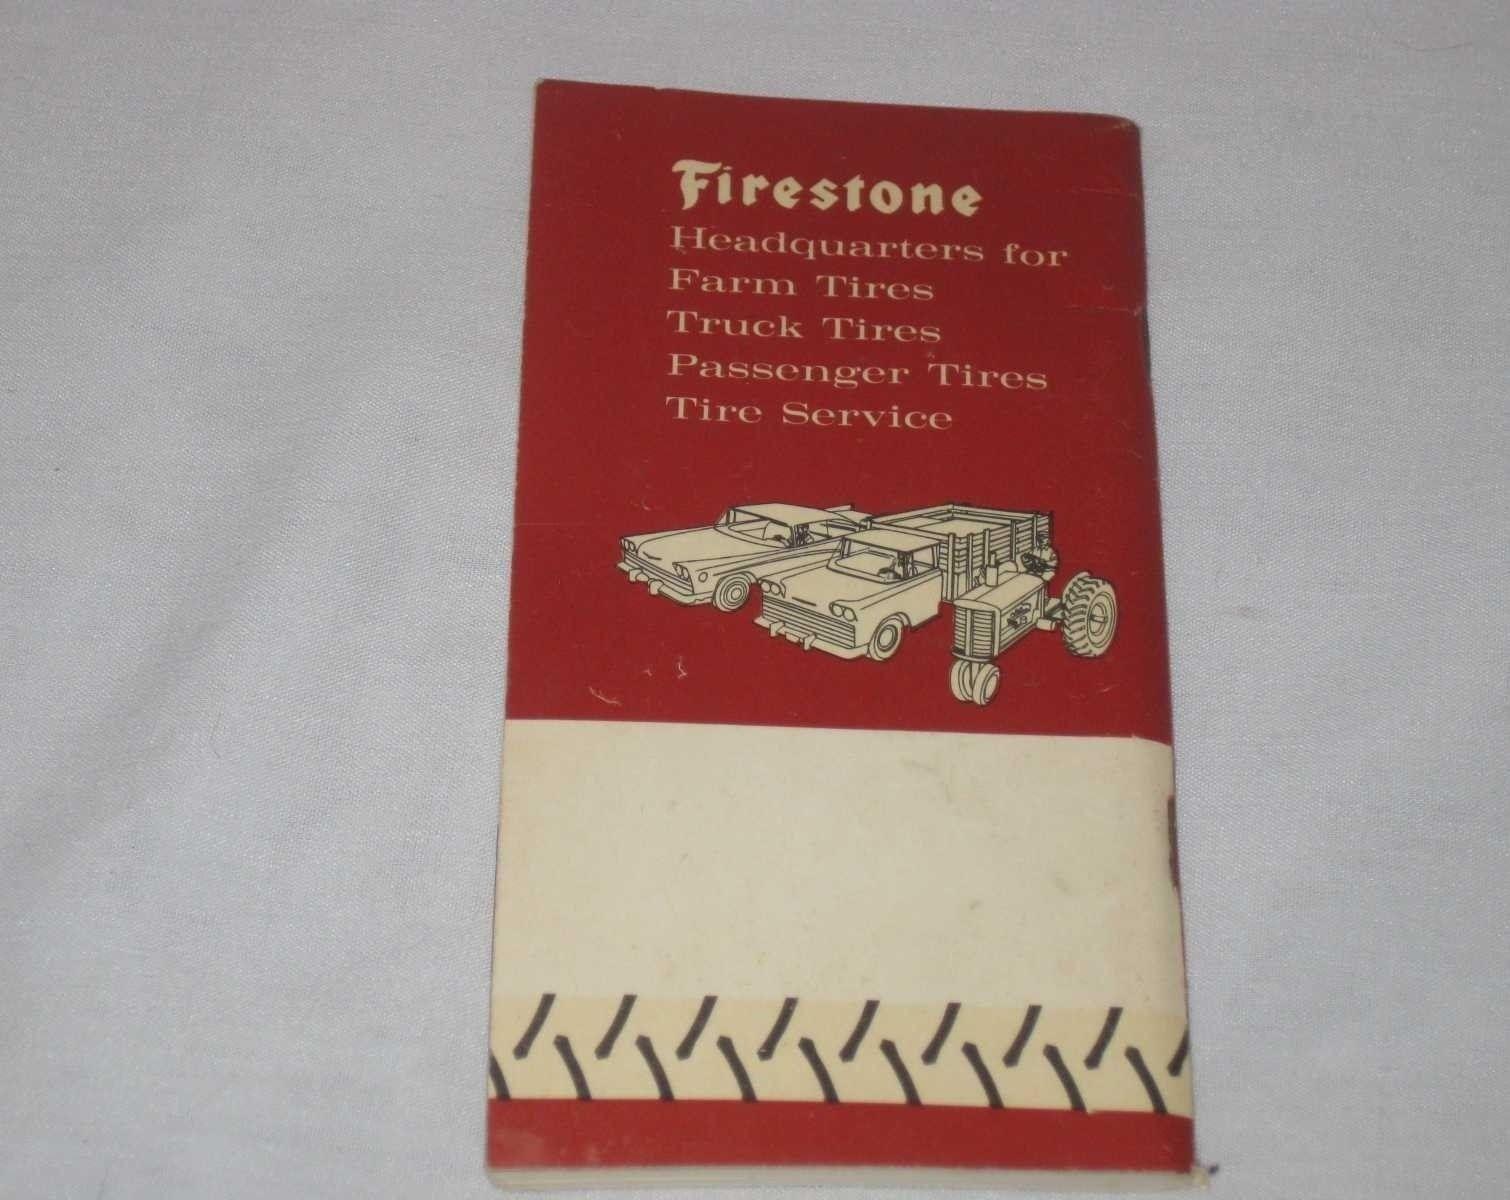 """6 1/2"""" X 3 1/2"""" 1962 Firestone Farm Tire Ad Memo Note Book Pocket Ledger Calenda"""